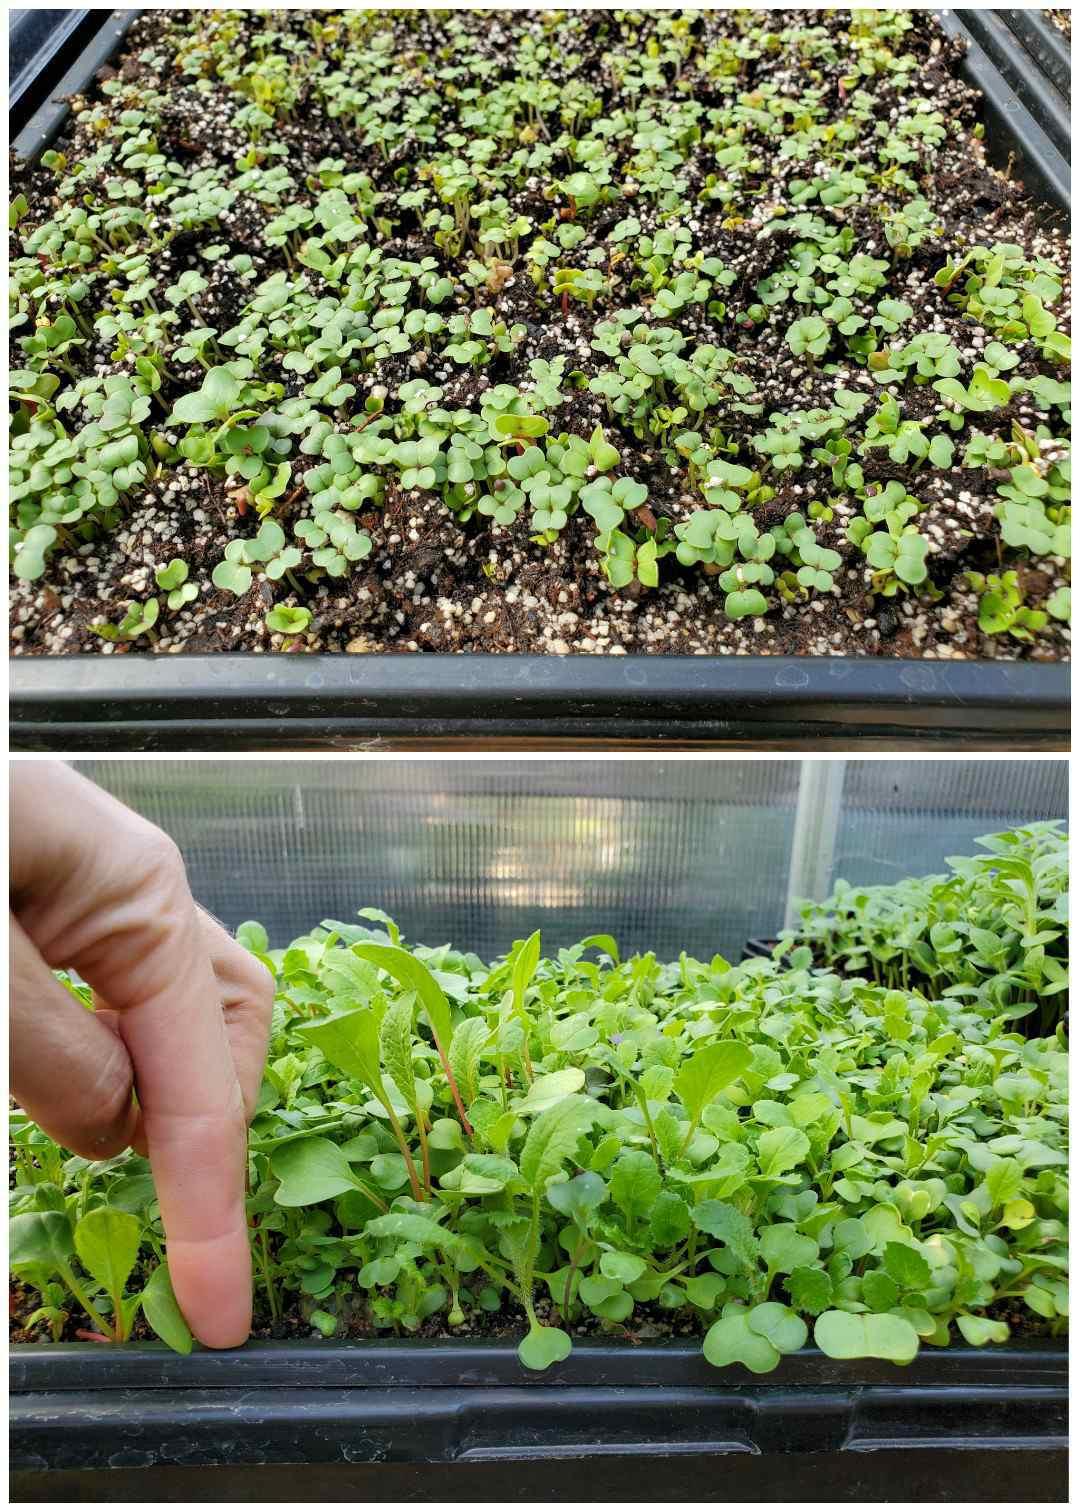 Collage d'images en deux parties, la première image montre un plateau de micro-verts récemment germés. Ils sont encore jeunes et les seules feuilles présentes sont leurs feuilles embryonnaires. La deuxième image montre le même plateau quelques semaines plus tard et les micro-verts ont mûri pour avoir un à deux ensembles de vraies feuilles. Une main utilise leur index pour illustrer la hauteur des verts, ils sont prêts pour la récolte.